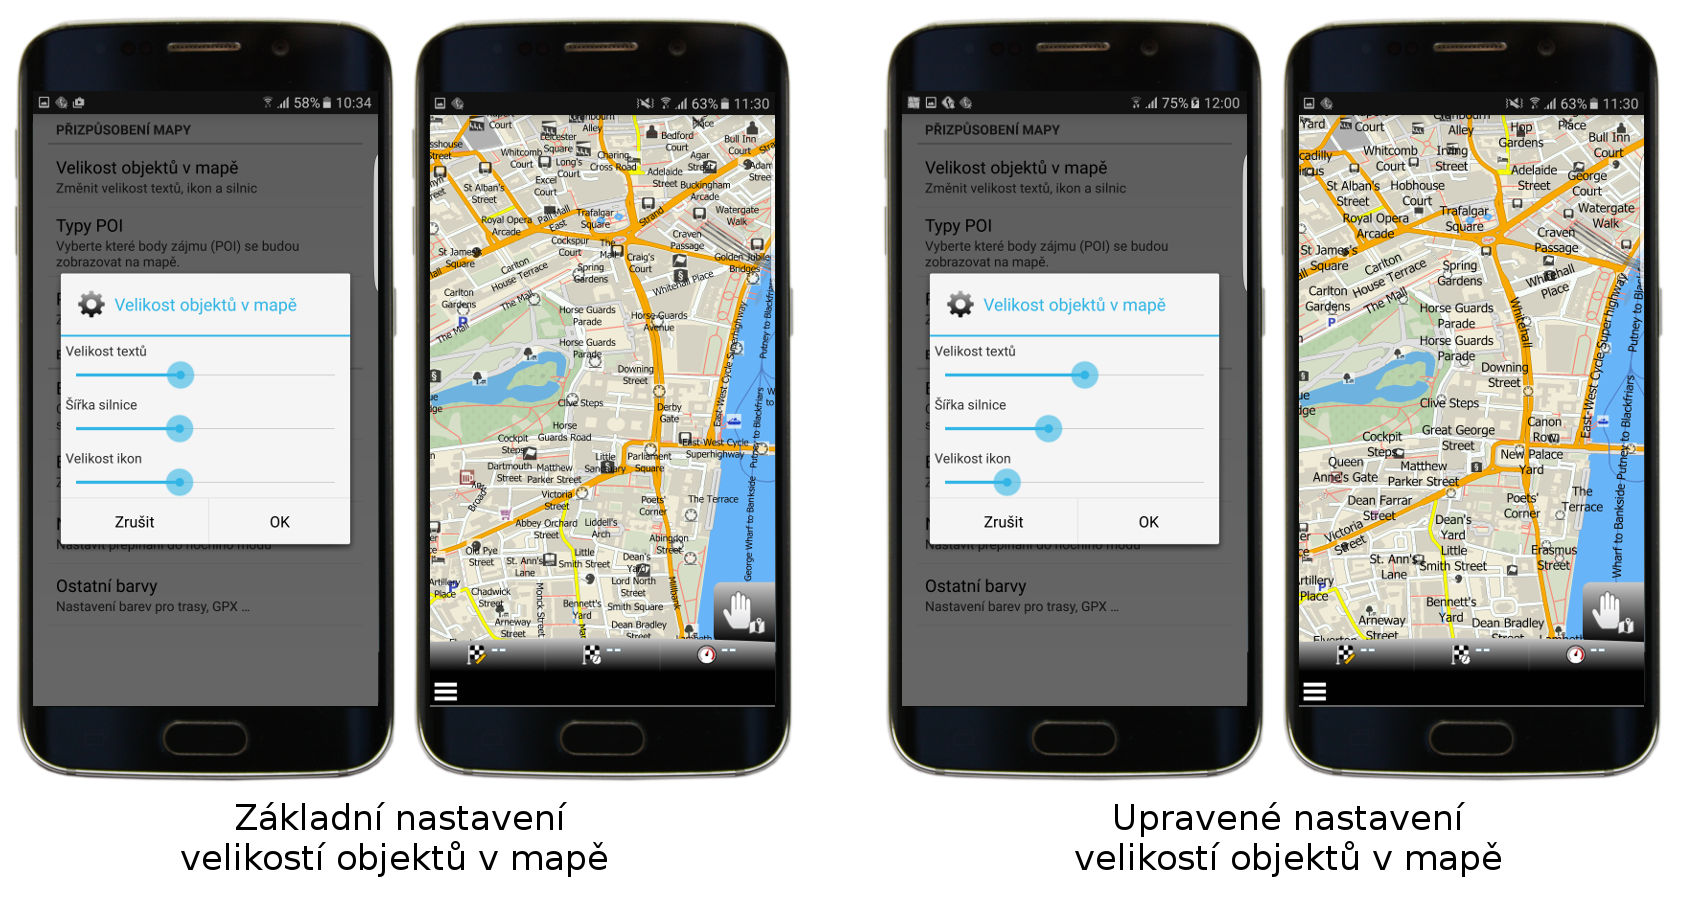 Standardní a upravené nastavení velikostí objektů v mapě v mapfactor Navigatoru